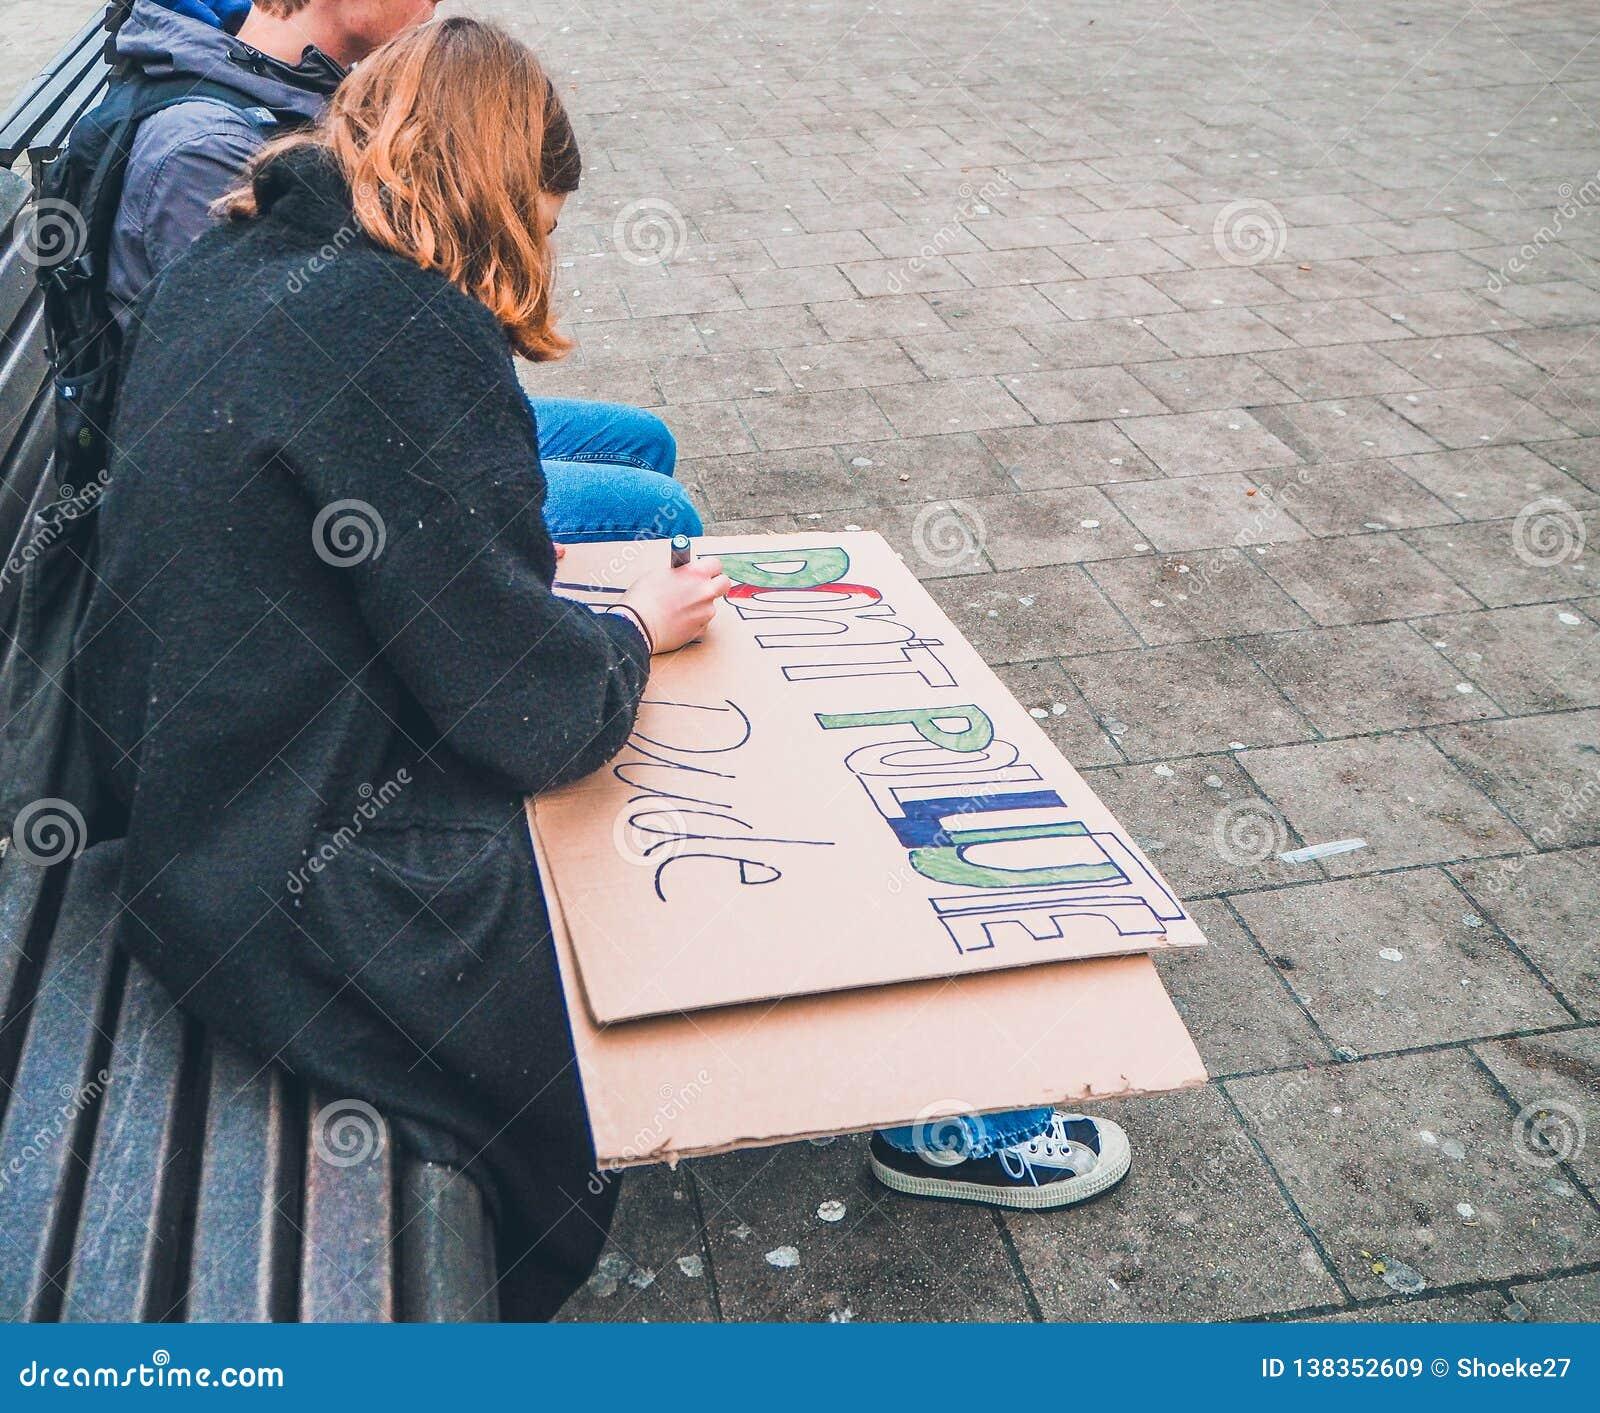 Junge Frau, die ein handgemachtes Plakat als Anruf für Aktion während eines Demonstrationszugs gegen Klimawandel macht